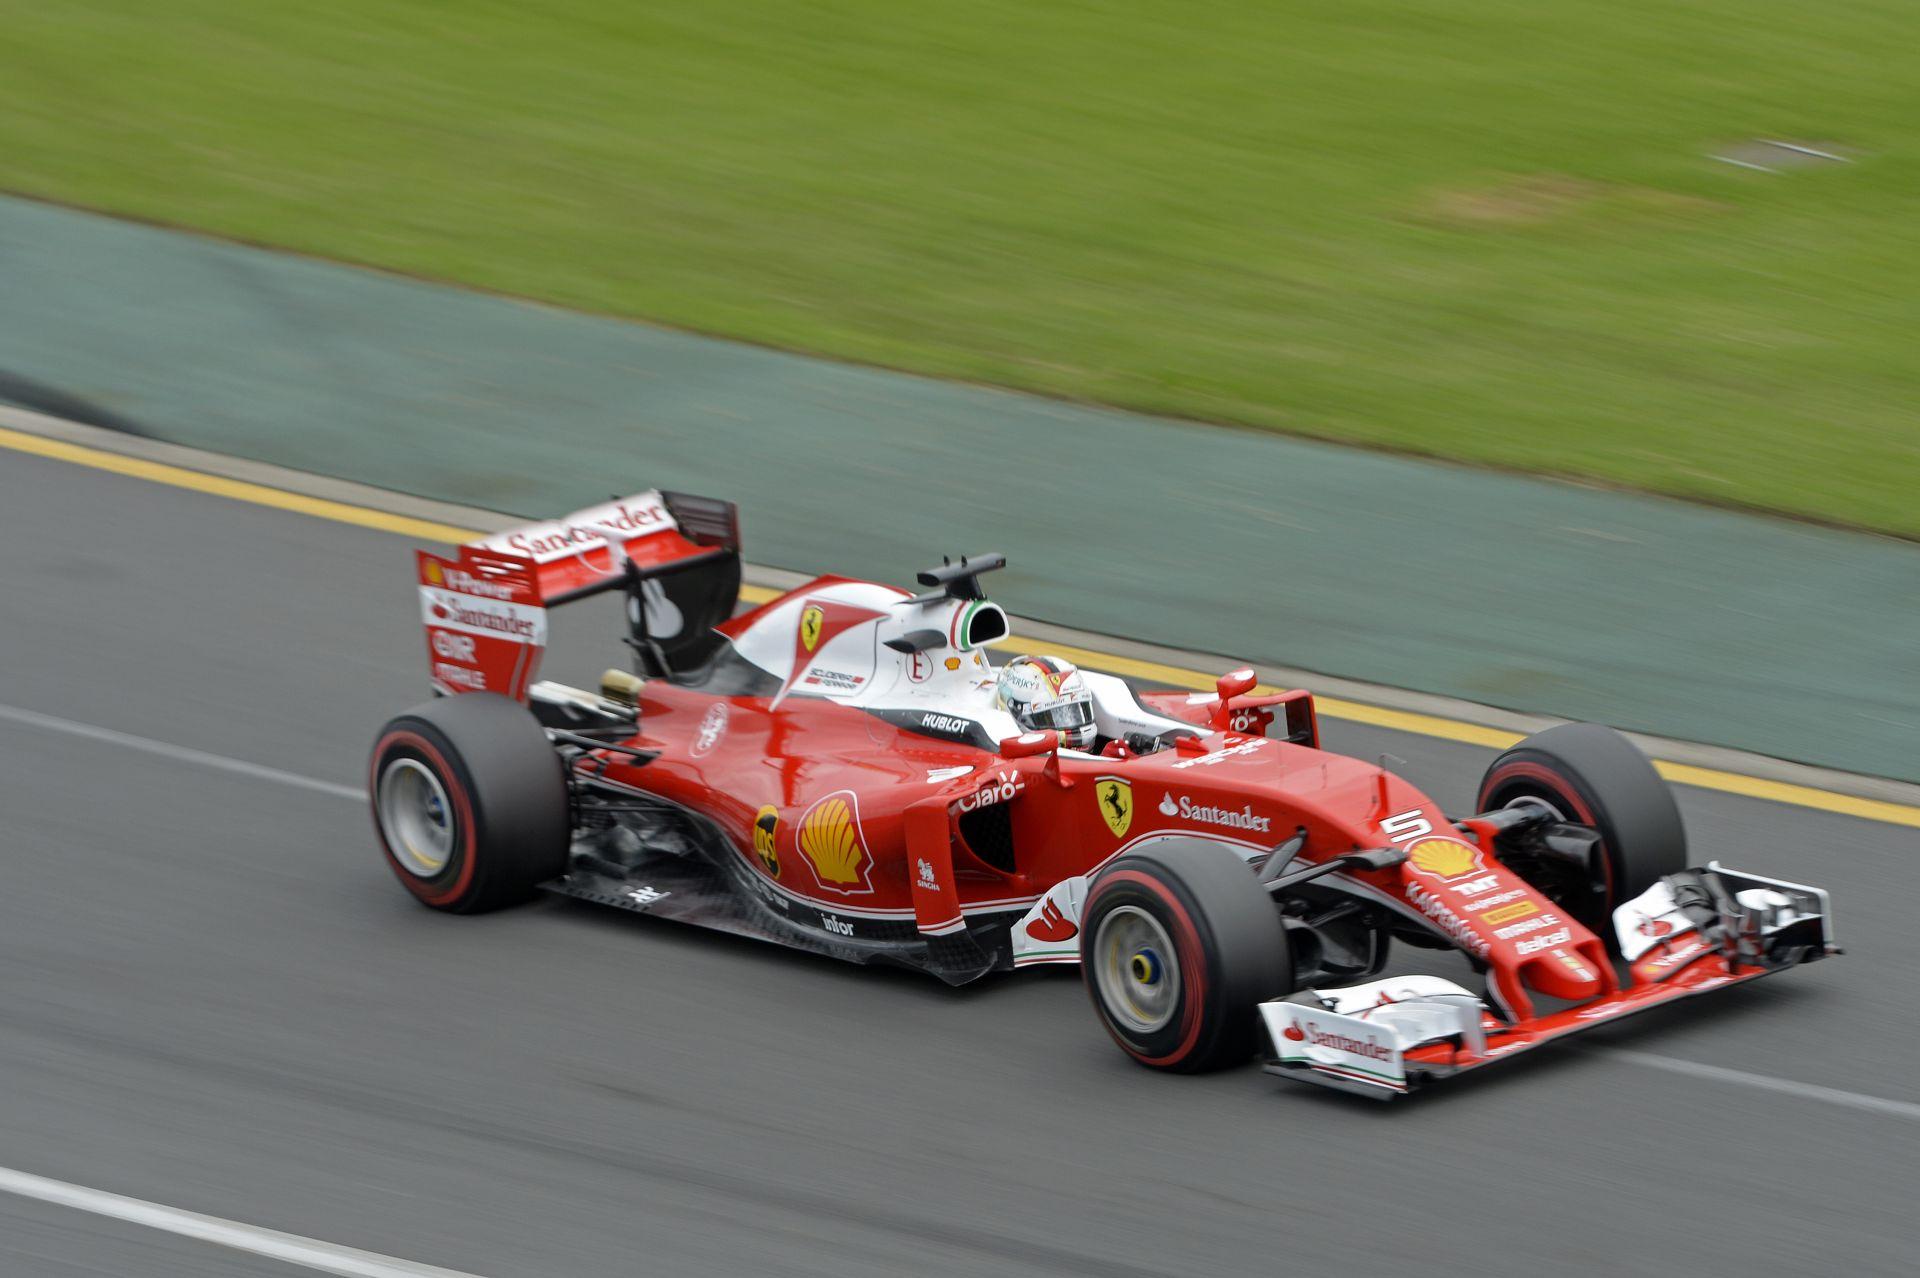 Az olasz sajtó tagad: a Ferrarihoz nem érkezik új turbófeltöltő a Spanyol Nagydíjra!